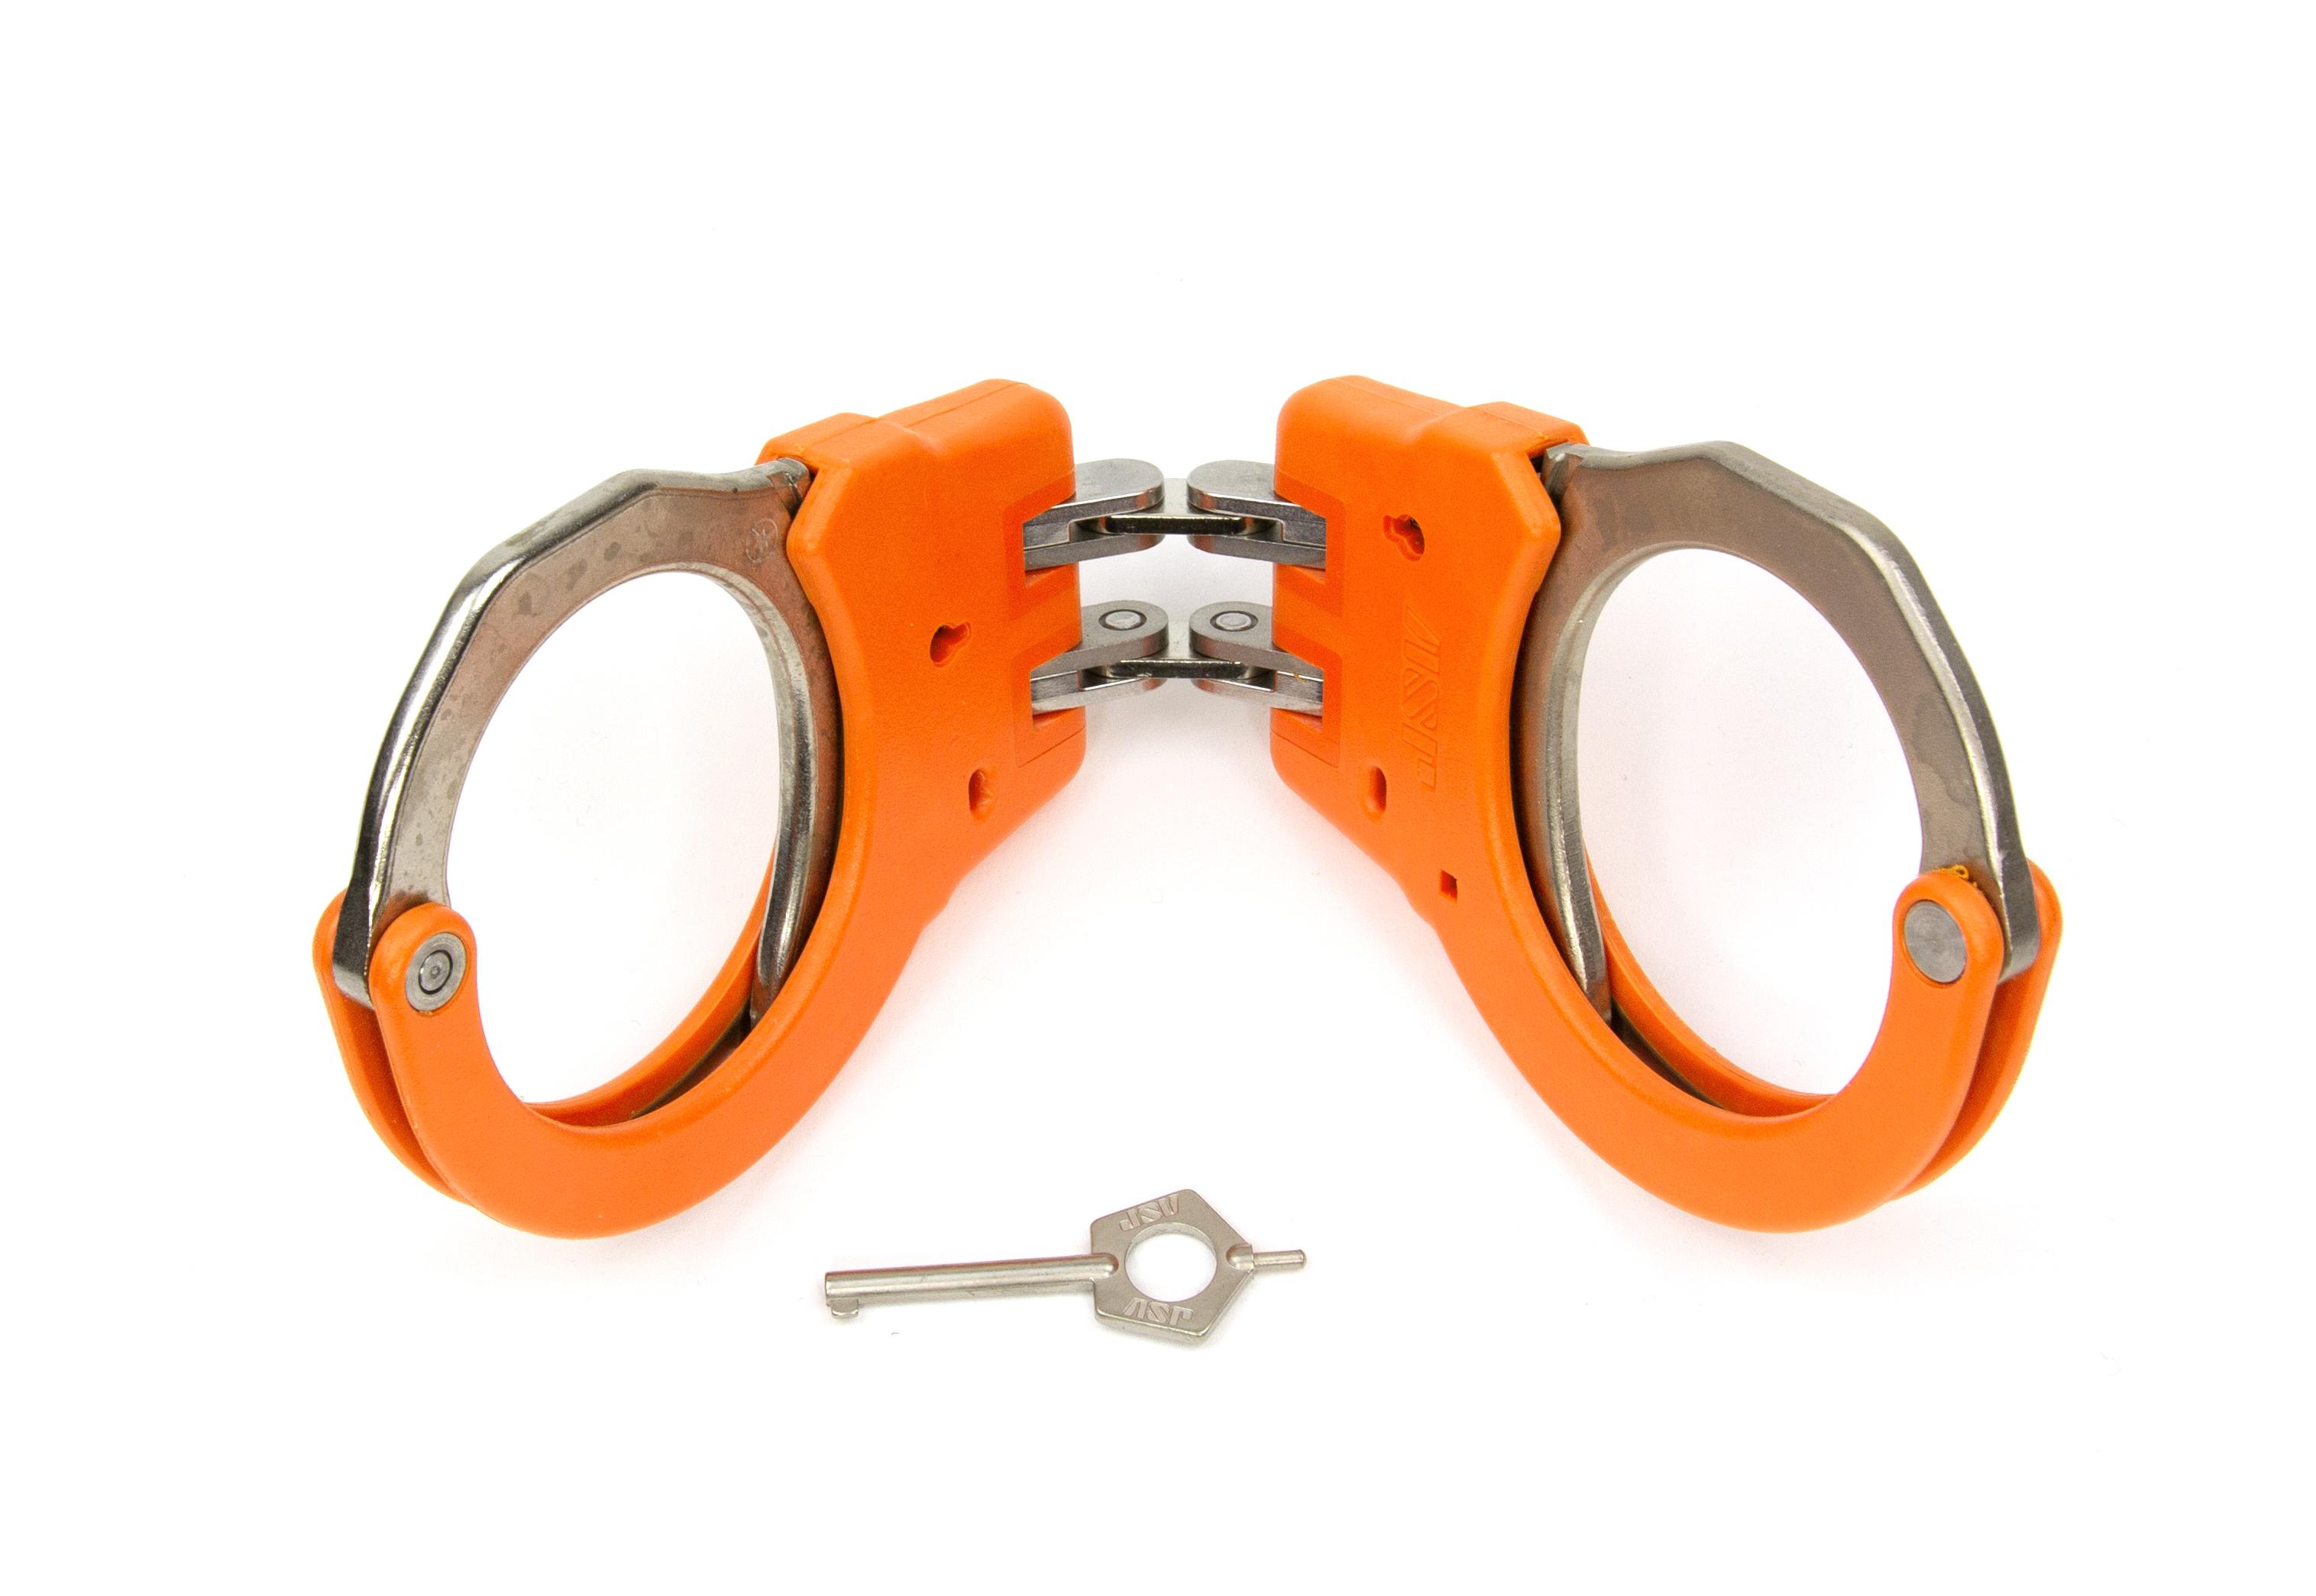 ASP Identifier Hinge Flex Cuffs Orange - 56116 / Model 200 Orange